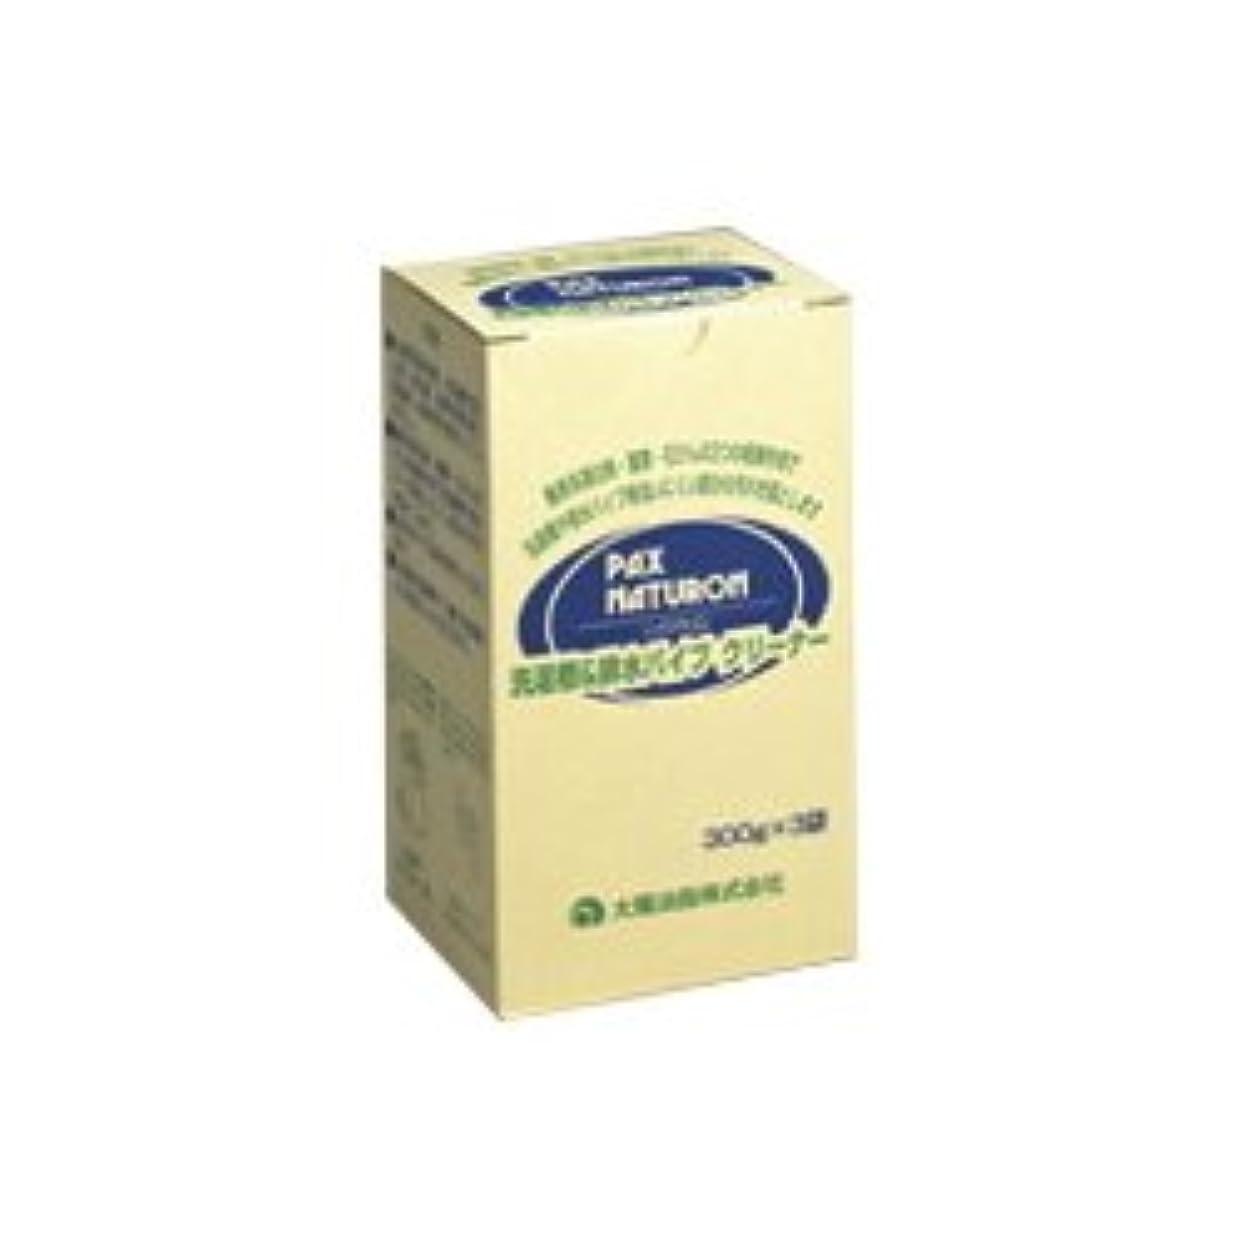 寛容小麦いじめっ子太陽油脂 パックスナチュロン 洗濯槽&排水パイプクリーナー 300g×3袋[cosme]